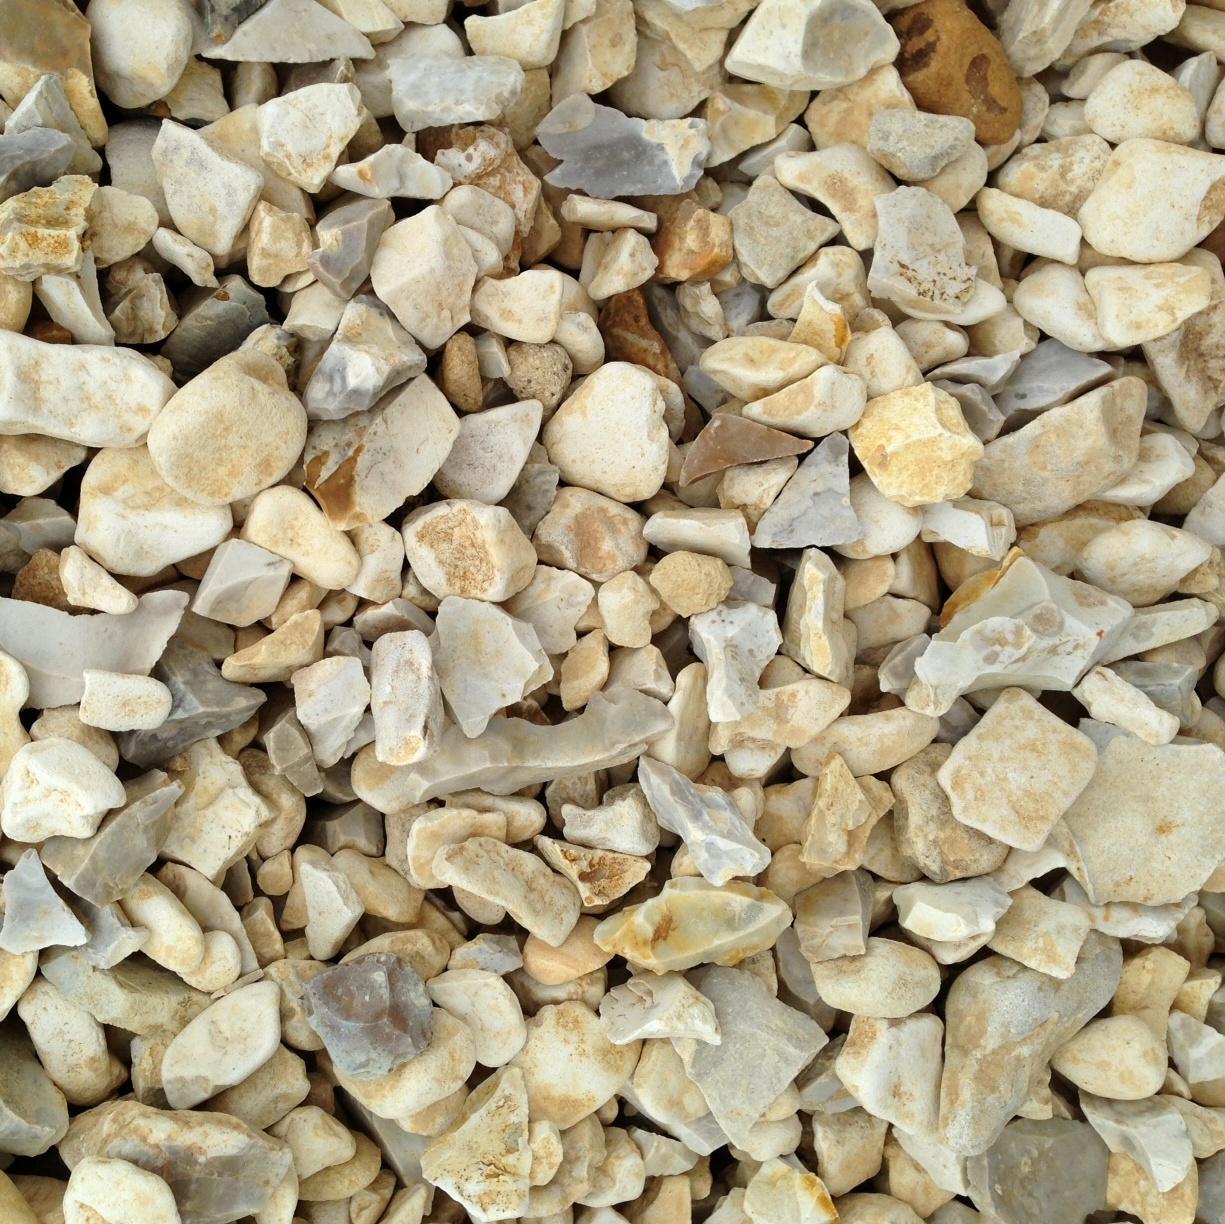 Bulk Buy Garden Stones